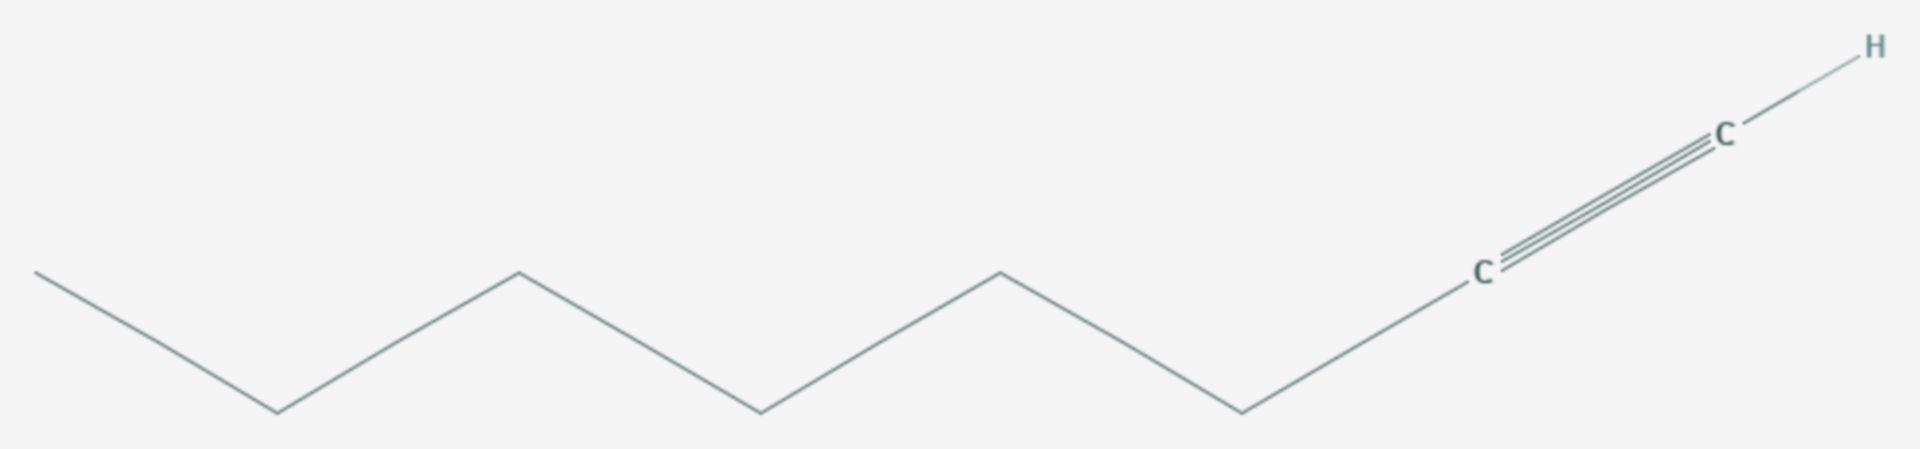 1-Octin (Strukturformel)